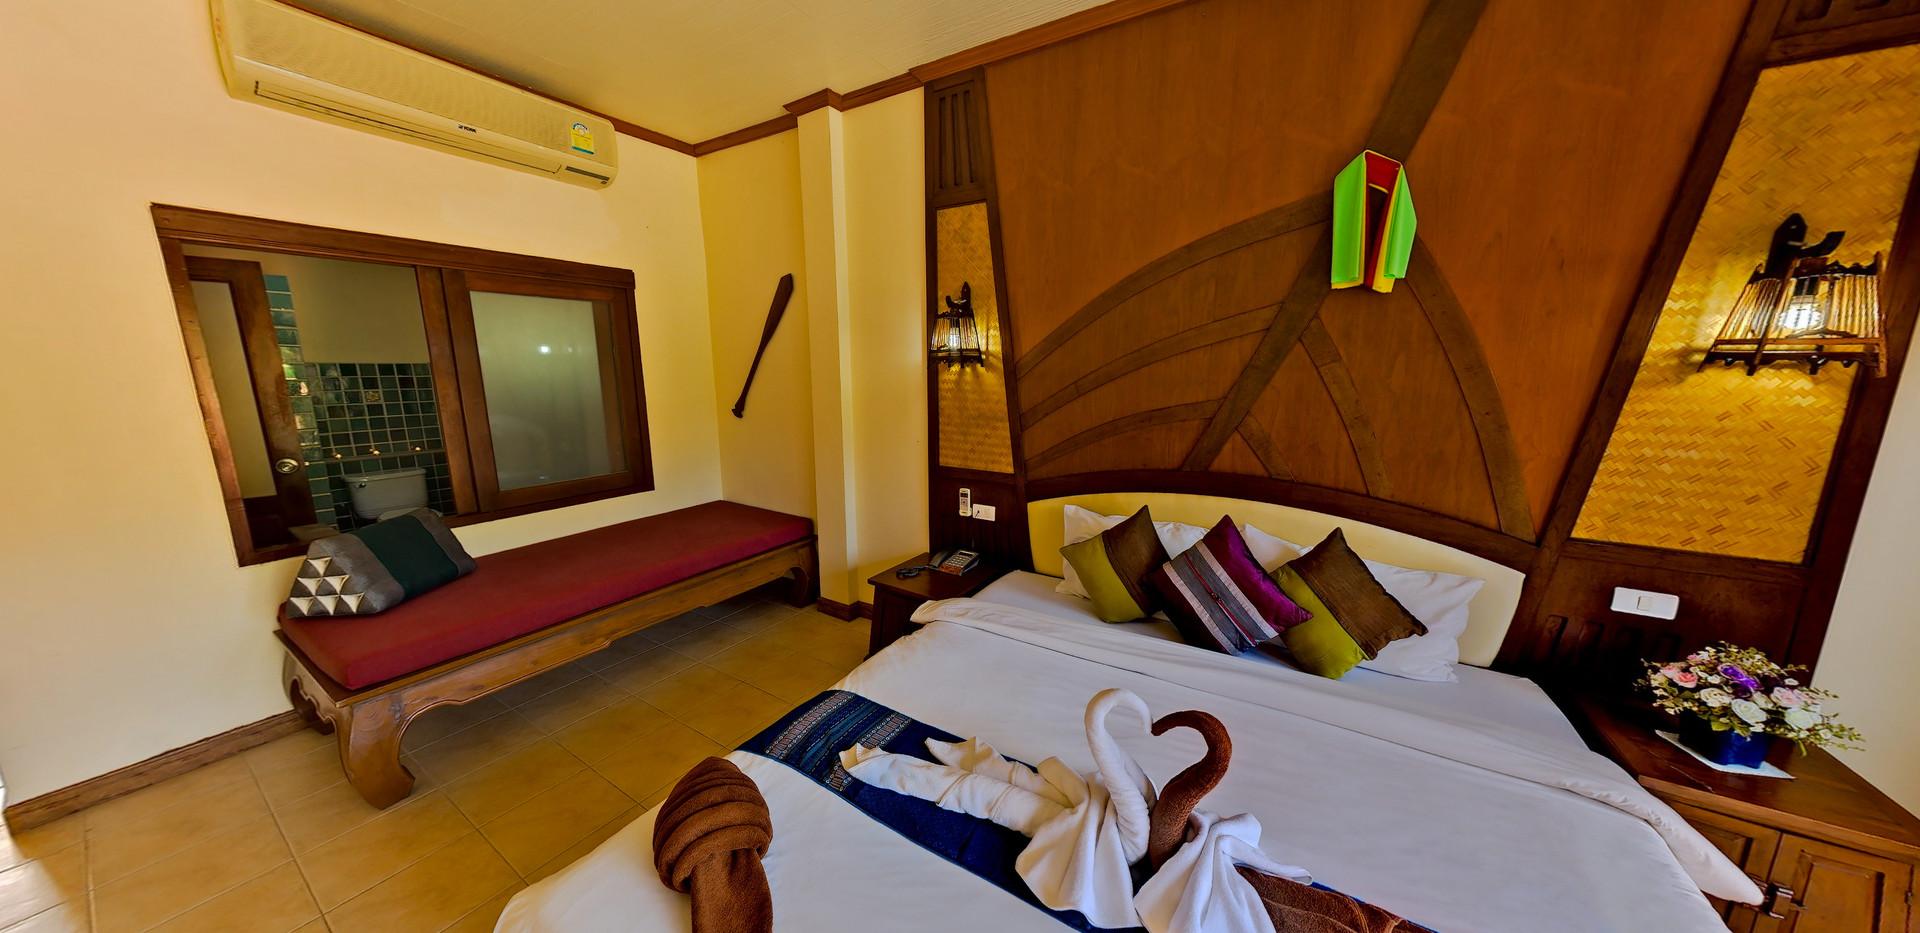 Deluxe room pool view 2.jpg